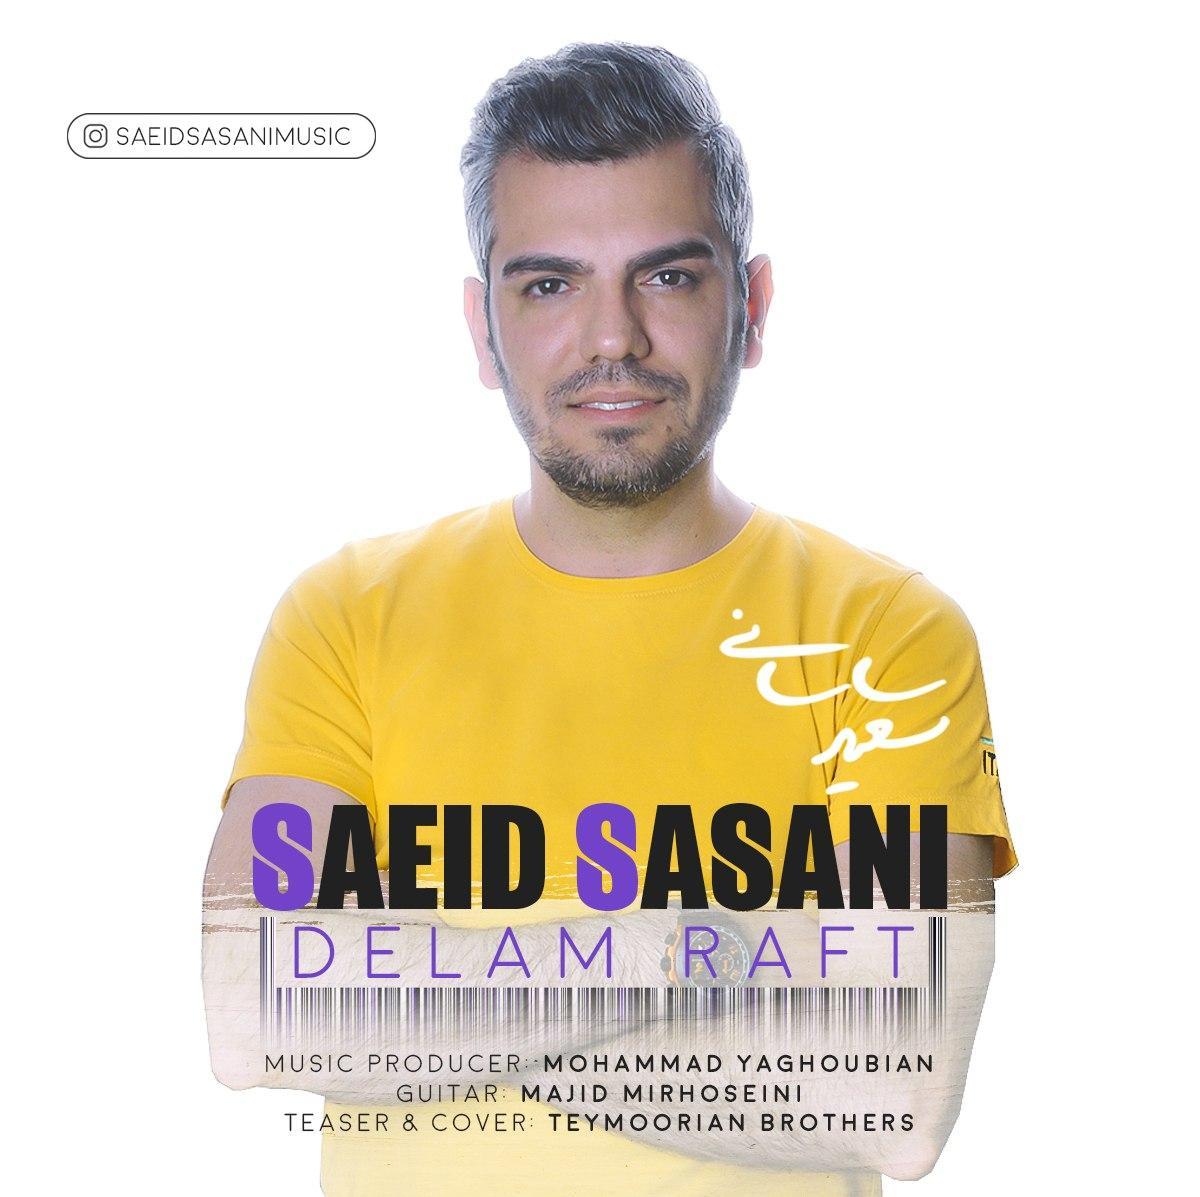 Saeid Sasani – Delam Raft